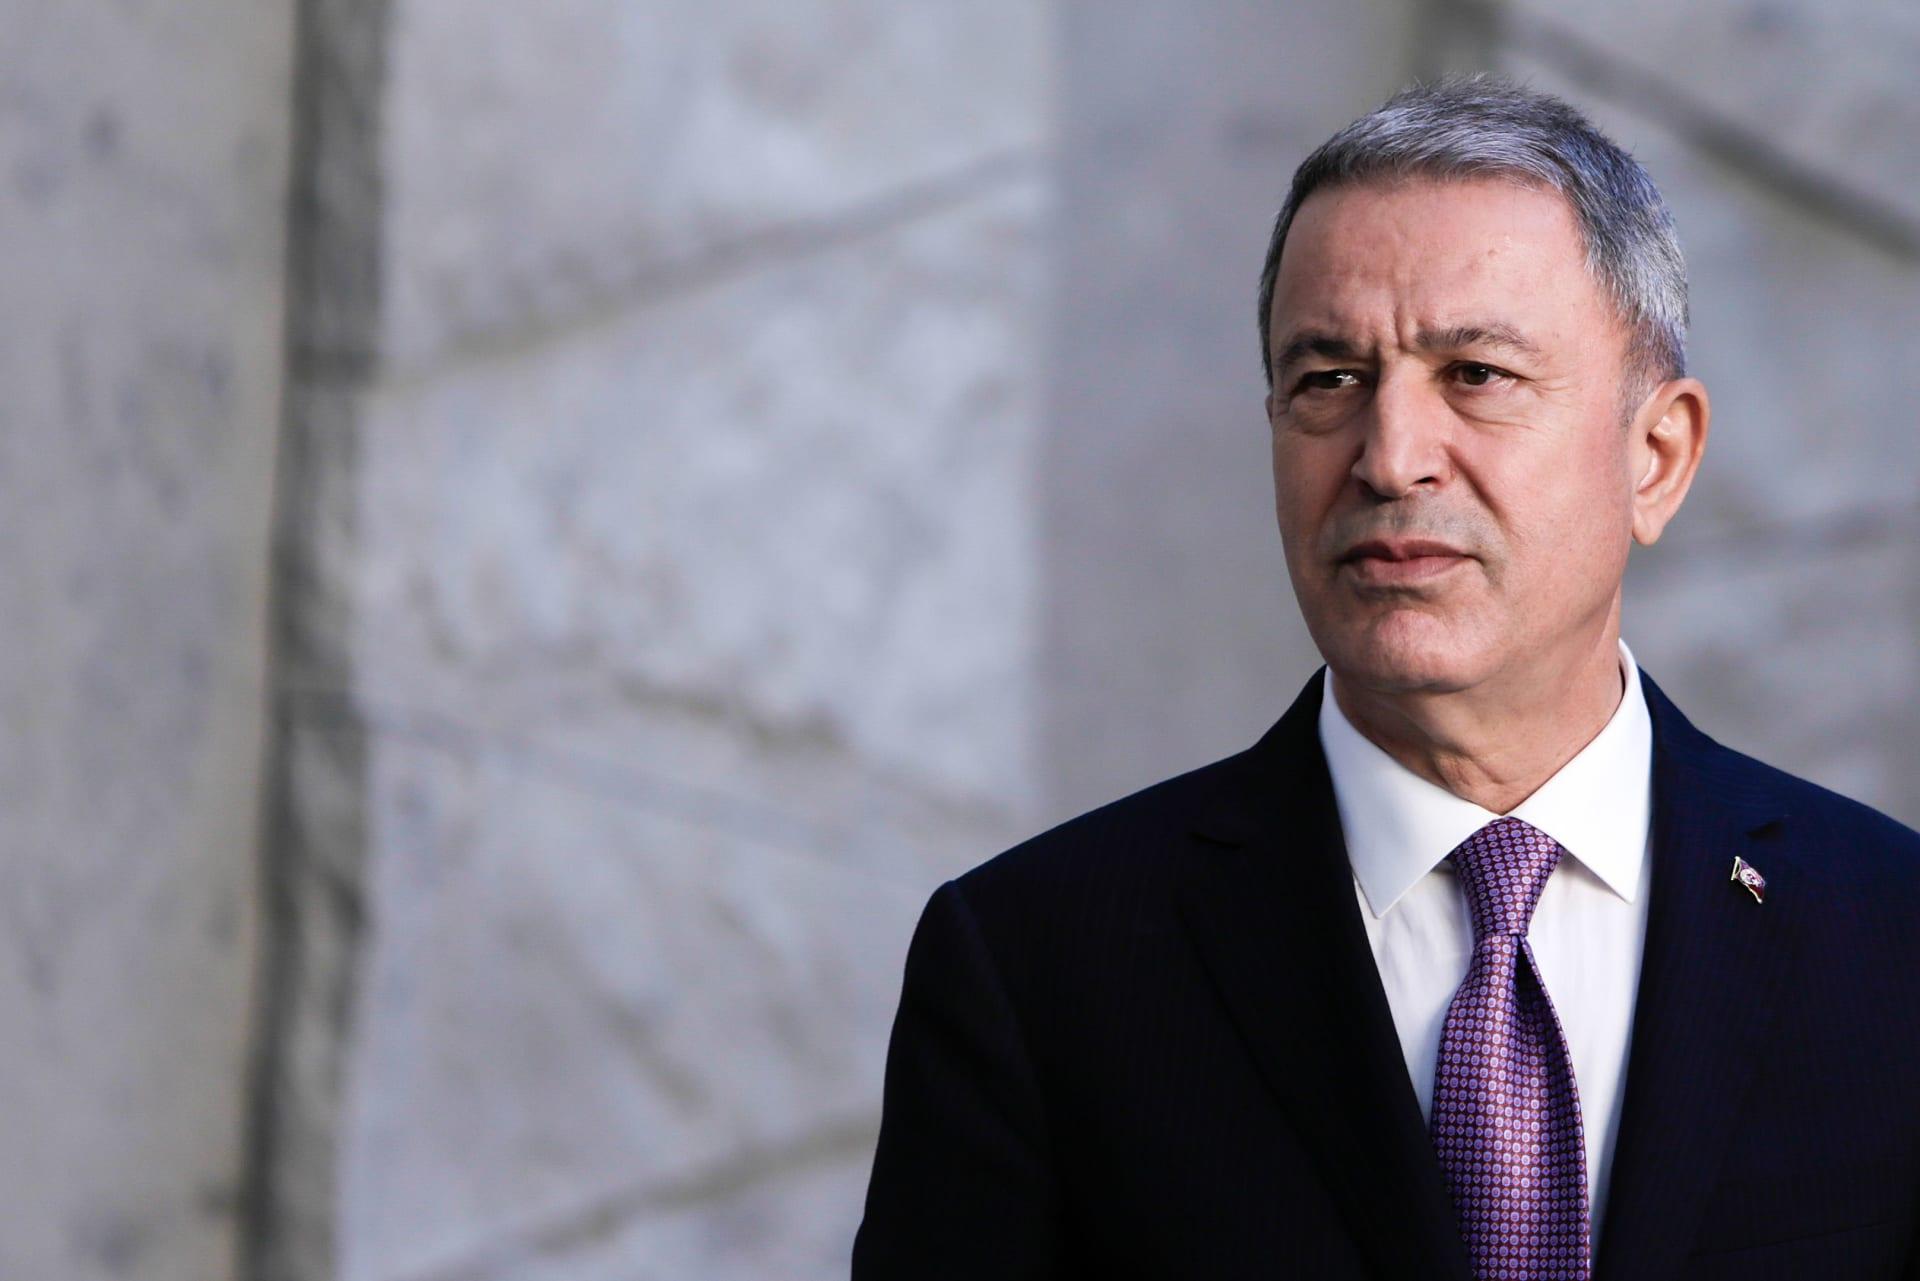 وزير الدفاع التركي يبرز خطورة العقوبات الأمريكية على التحالف بين البلدين